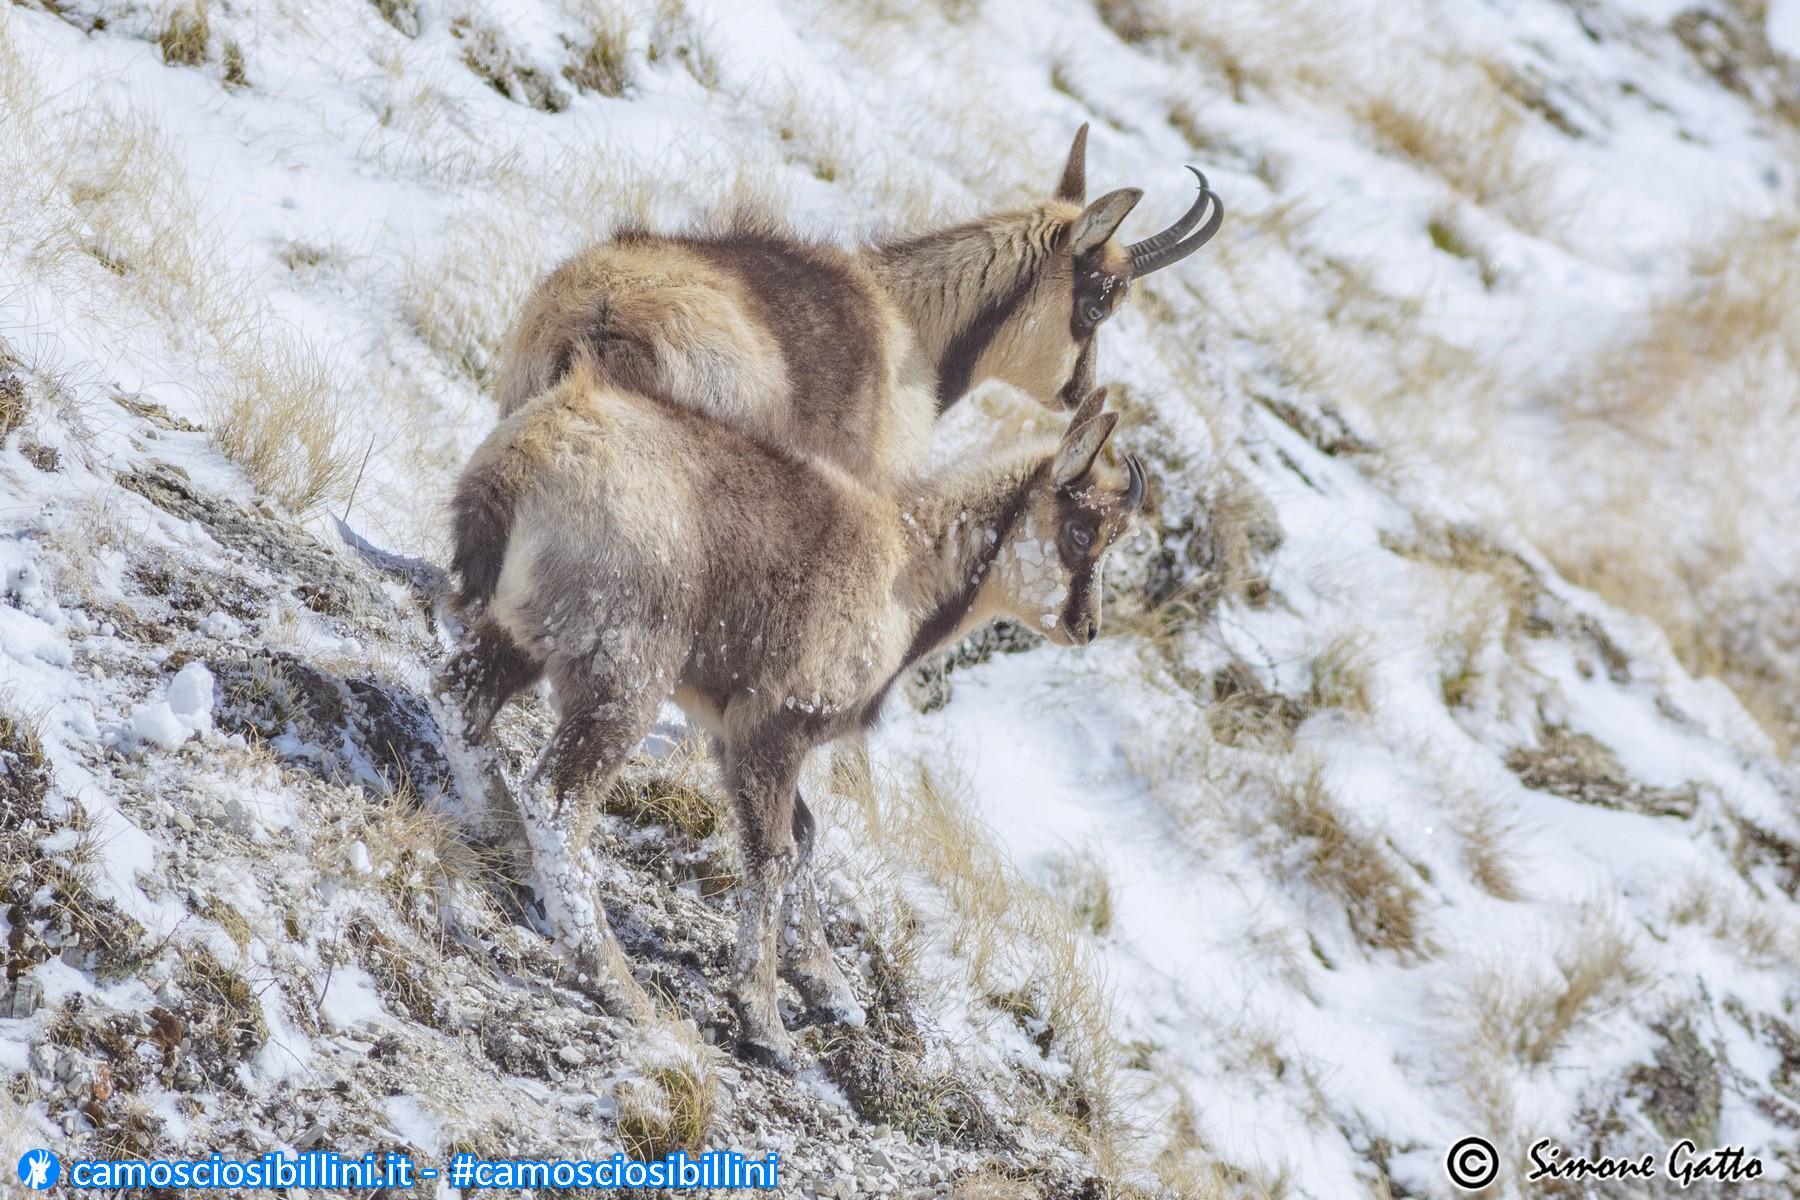 Camosci on the snow